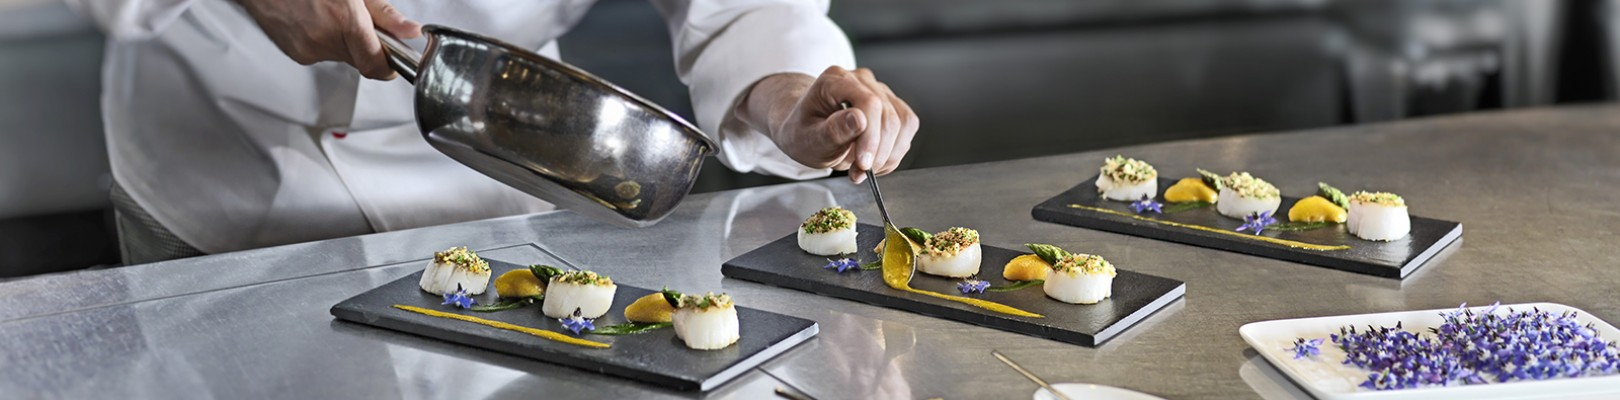 Restauration Gastronomique et Bistronomique